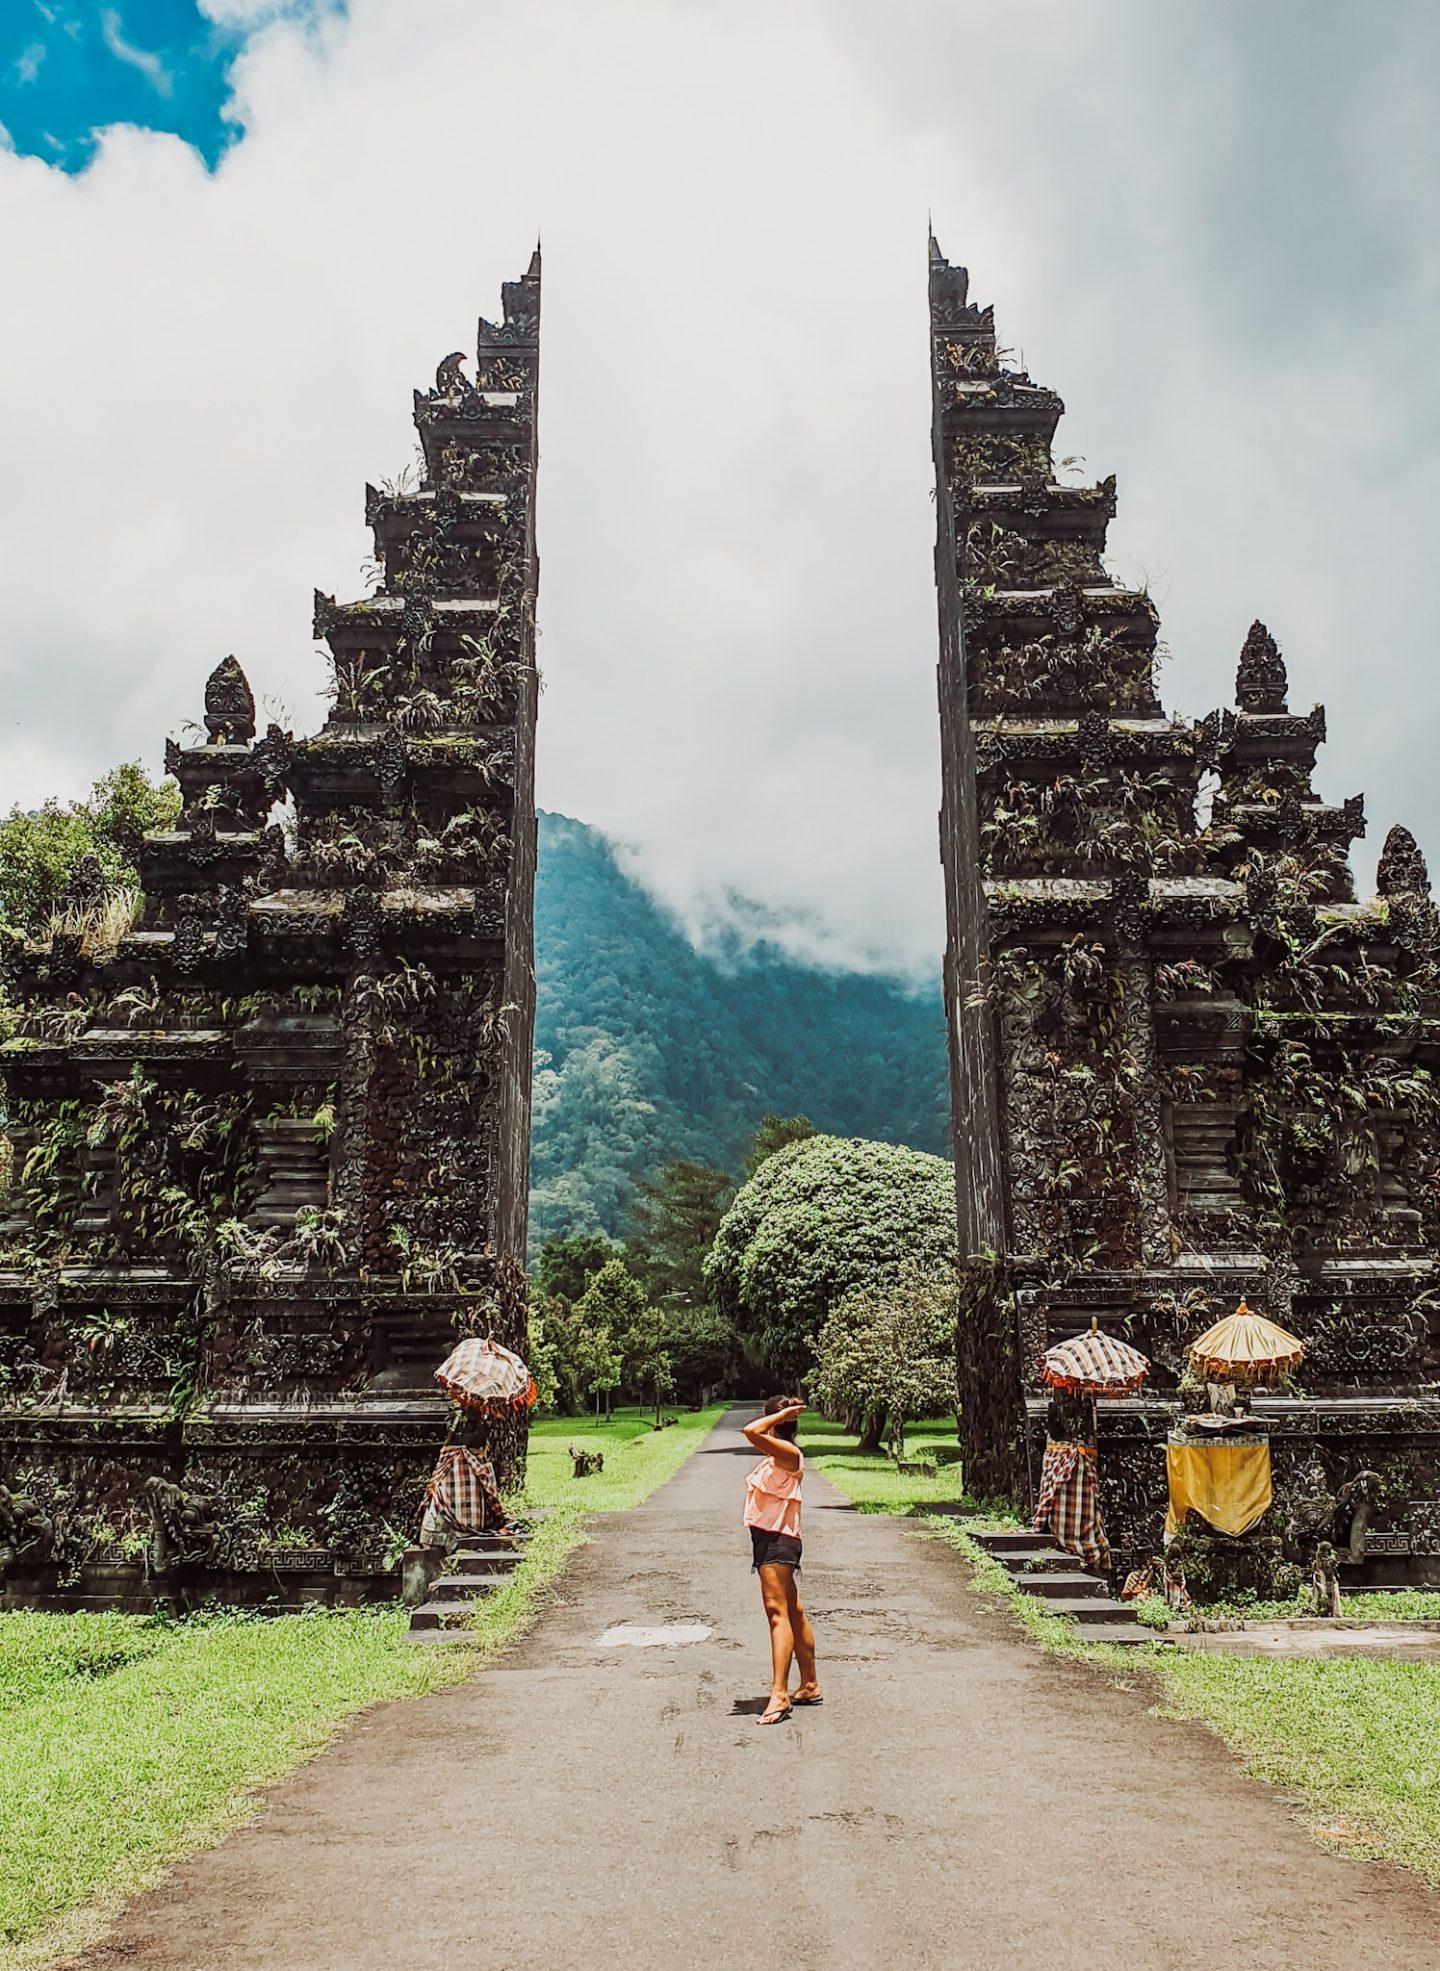 Guia para Ulun Danu Bratan Temple & Handara Gate